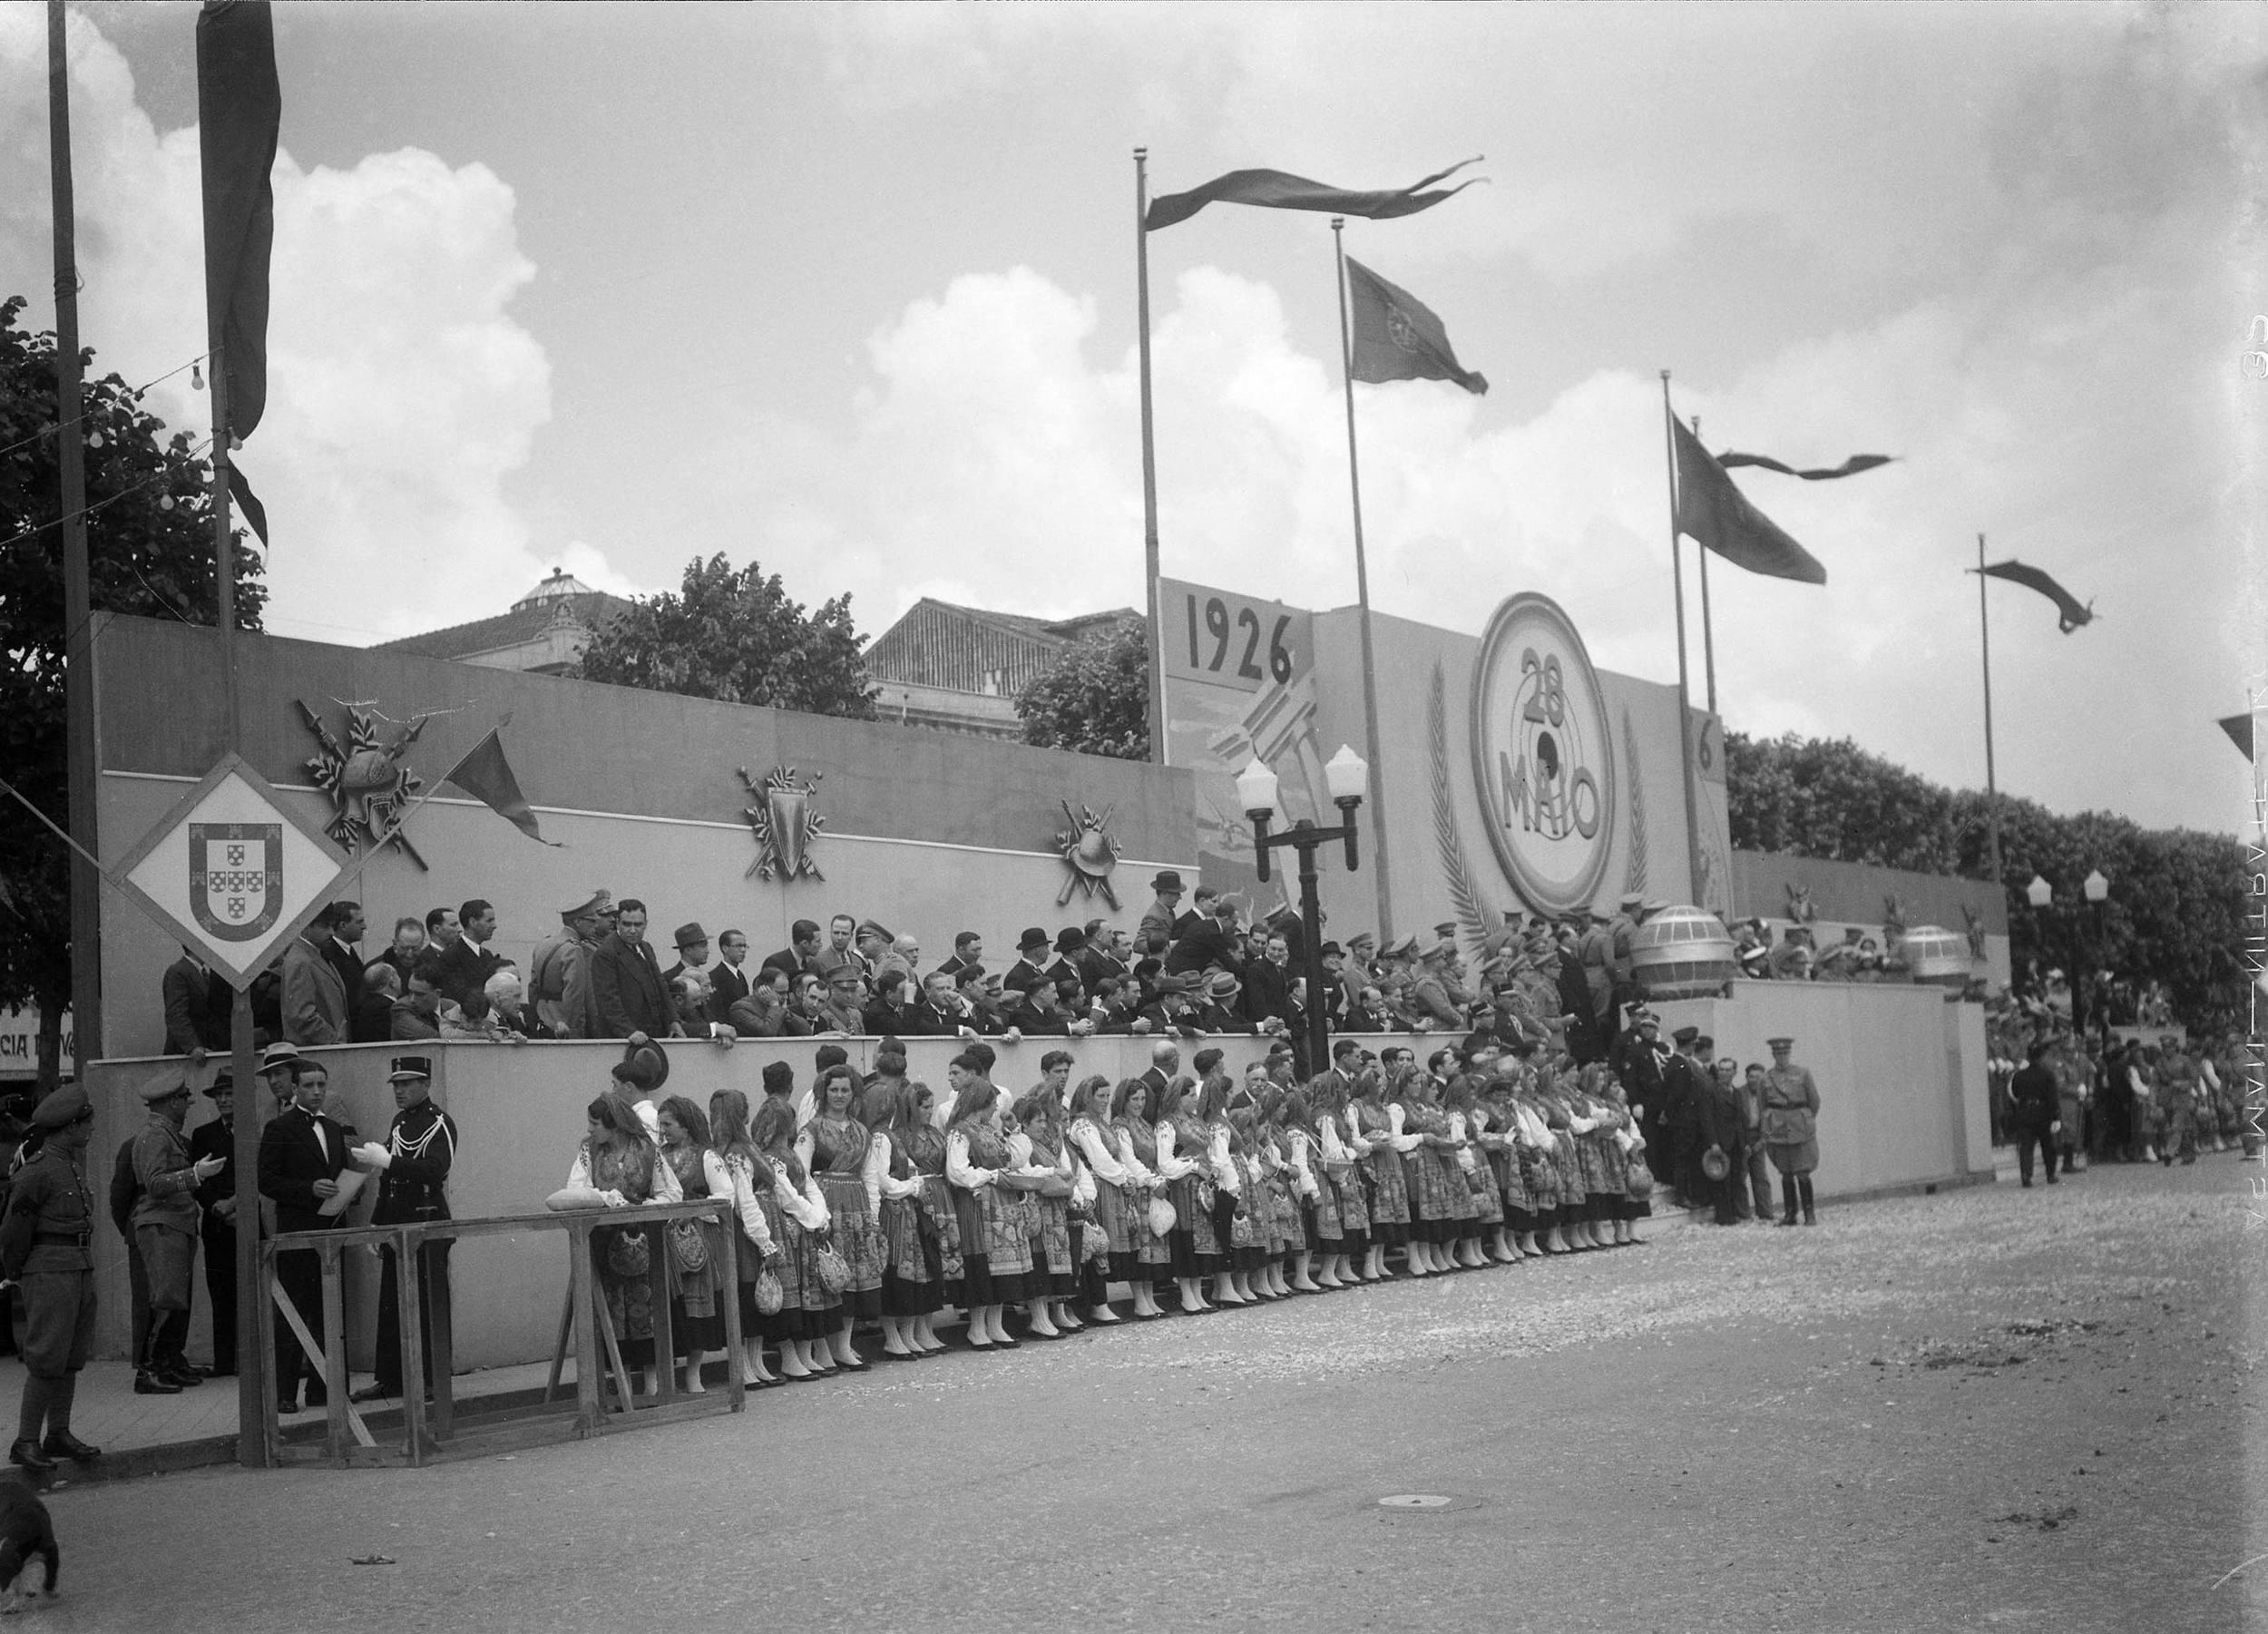 Commemoration of the 10th Anniversary of the May 28, 1926 National Revolution, Braga, 1936.  Photo: Horácio Novais, 1936,Braga  Biblioteca de Arte da Fundação Calouste Gulbenkian[CFT164_102111]